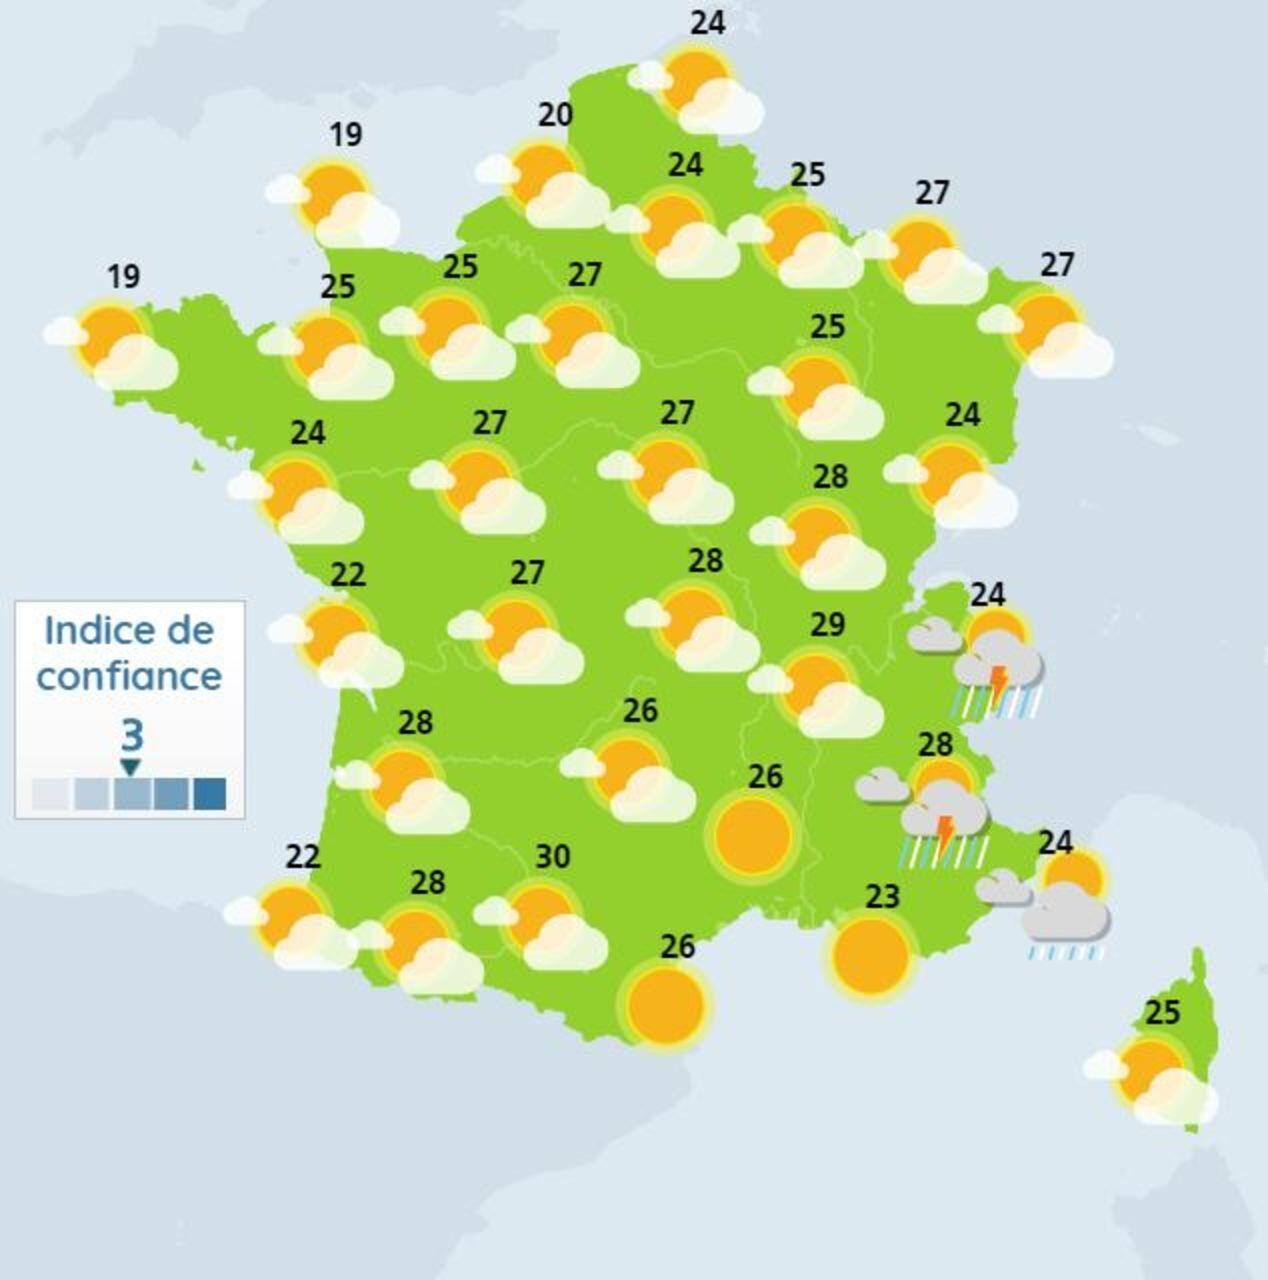 Meteo Bientot Une Vraie Chaleur D Ete Sur Tout Le Pays Le Parisien